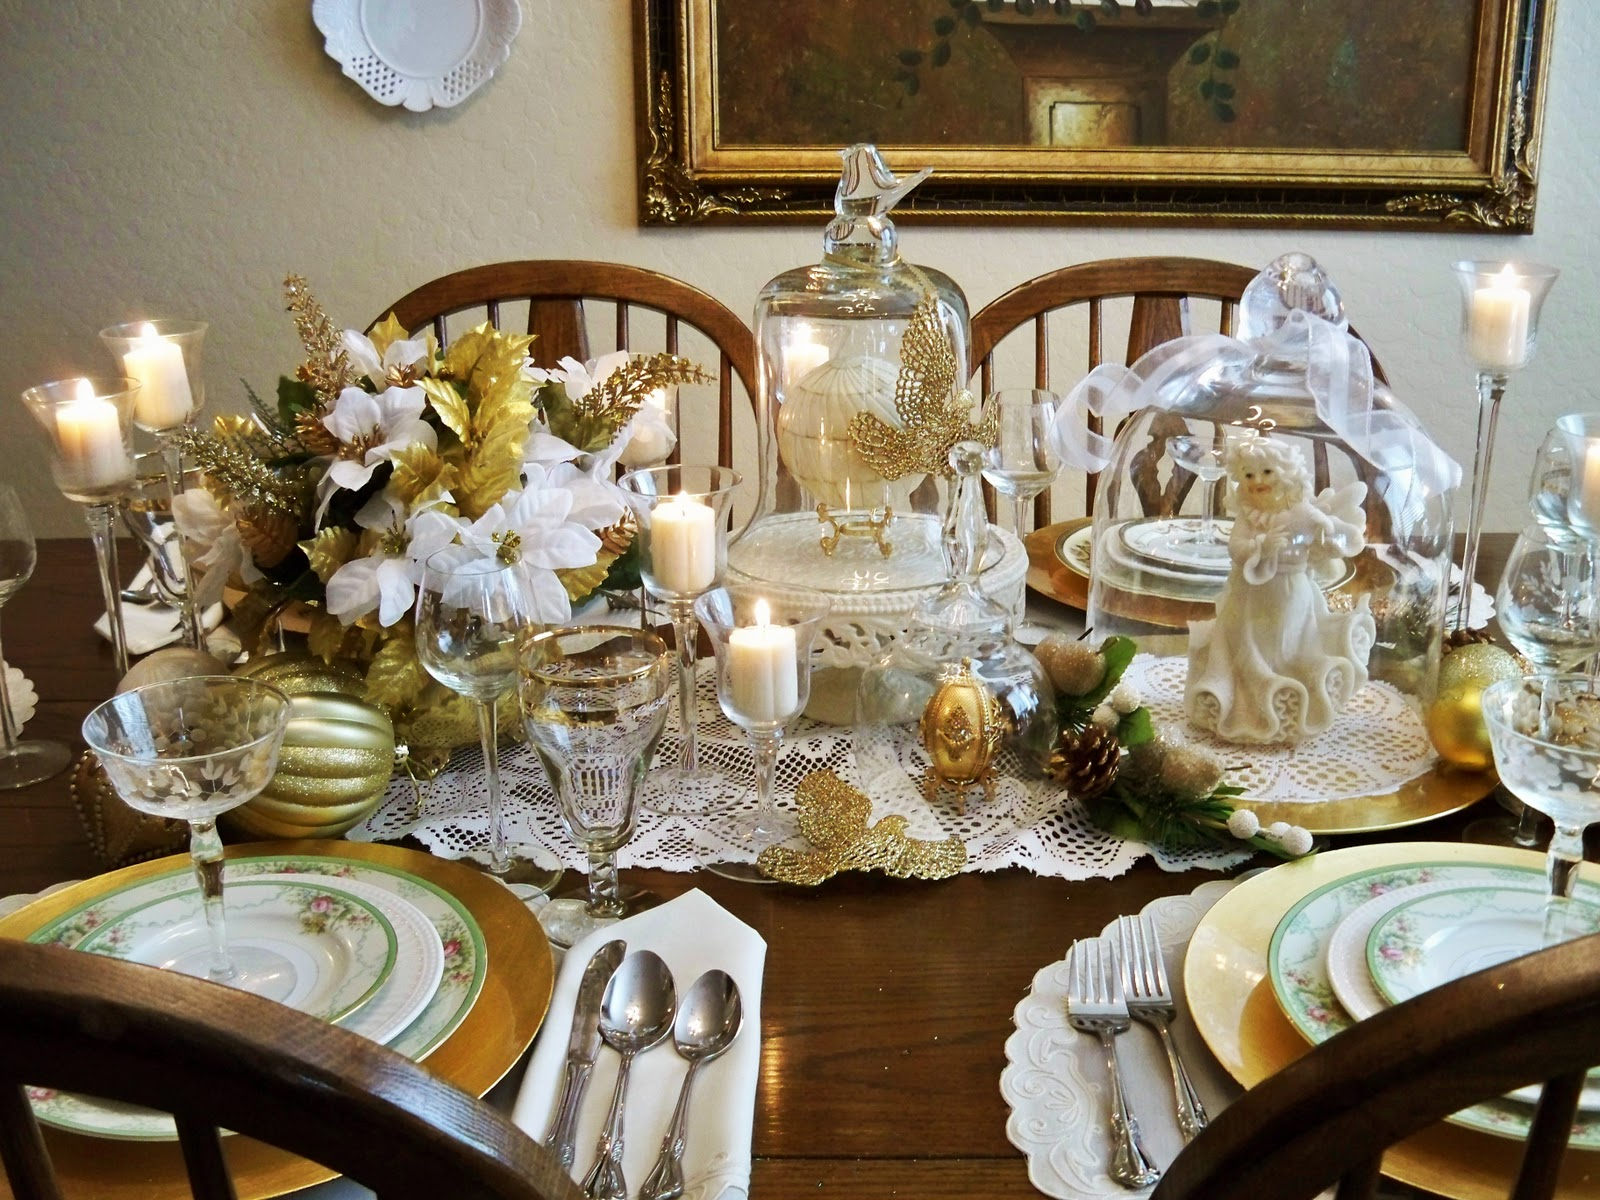 capodanno tavola natale